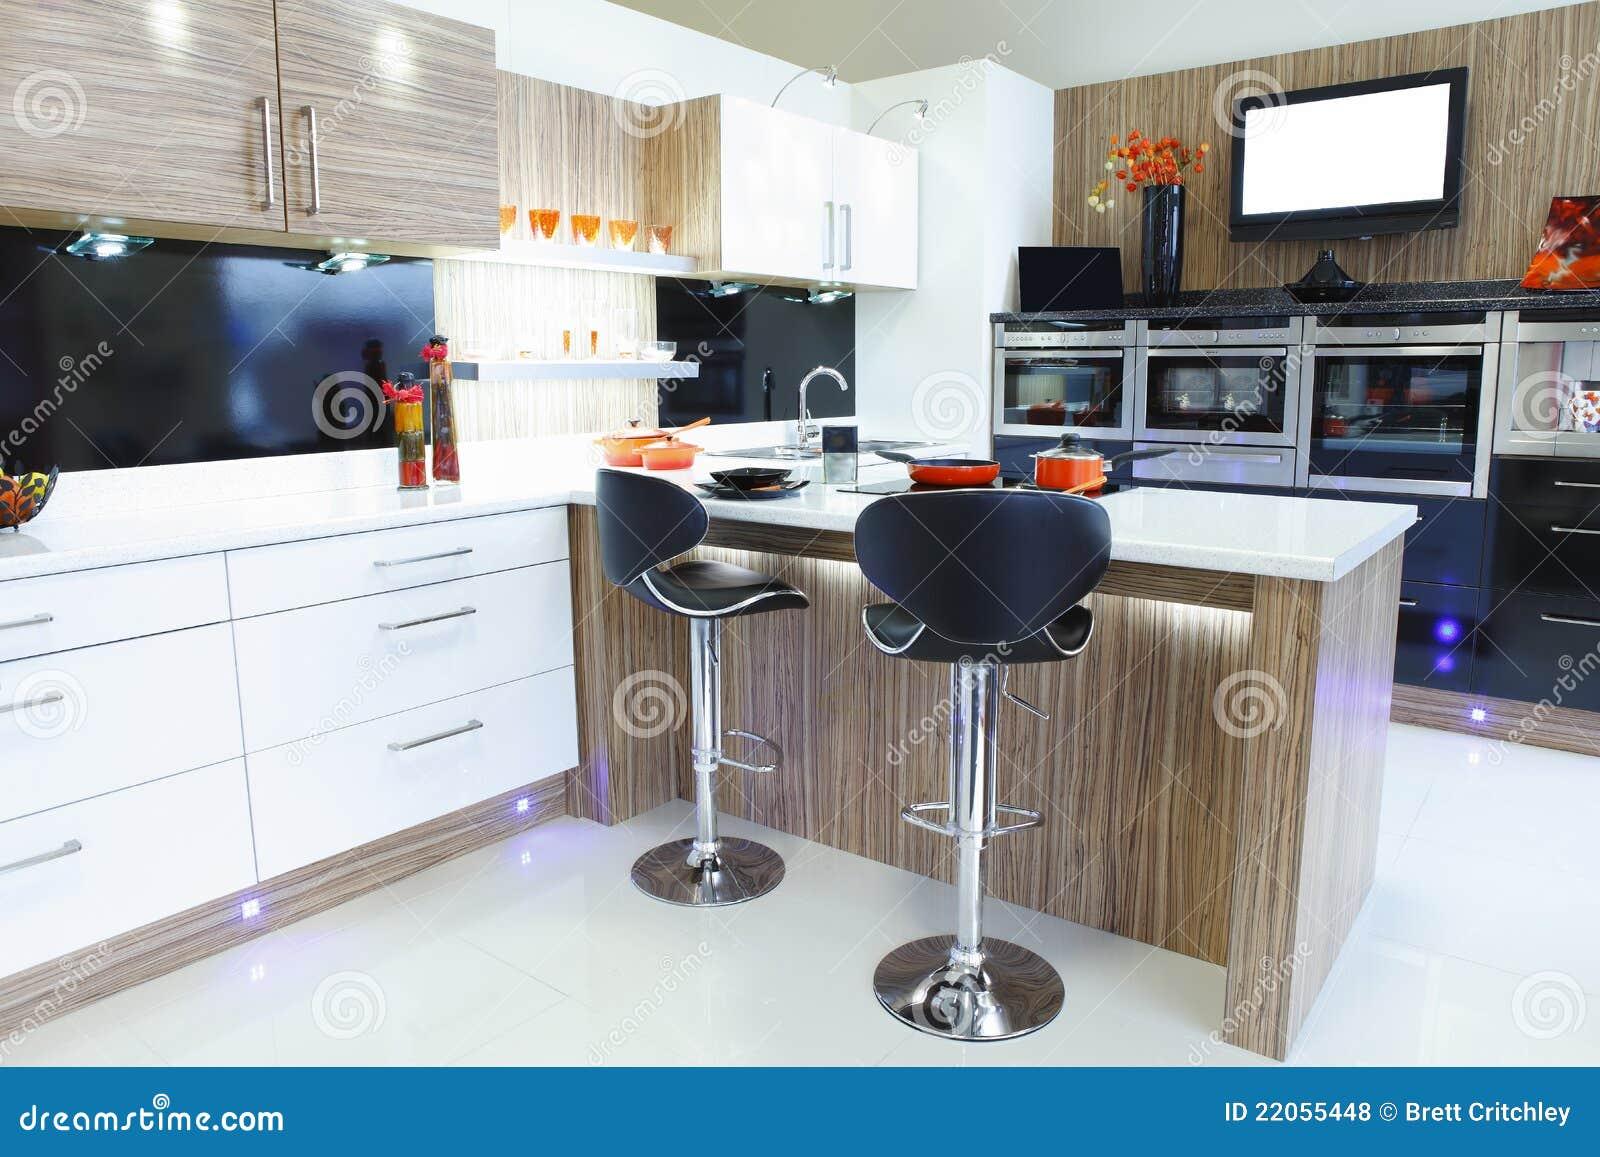 Cozinha Home Projetada Interior Fotos de Stock Royalty Free Imagem  #384562 1300 957